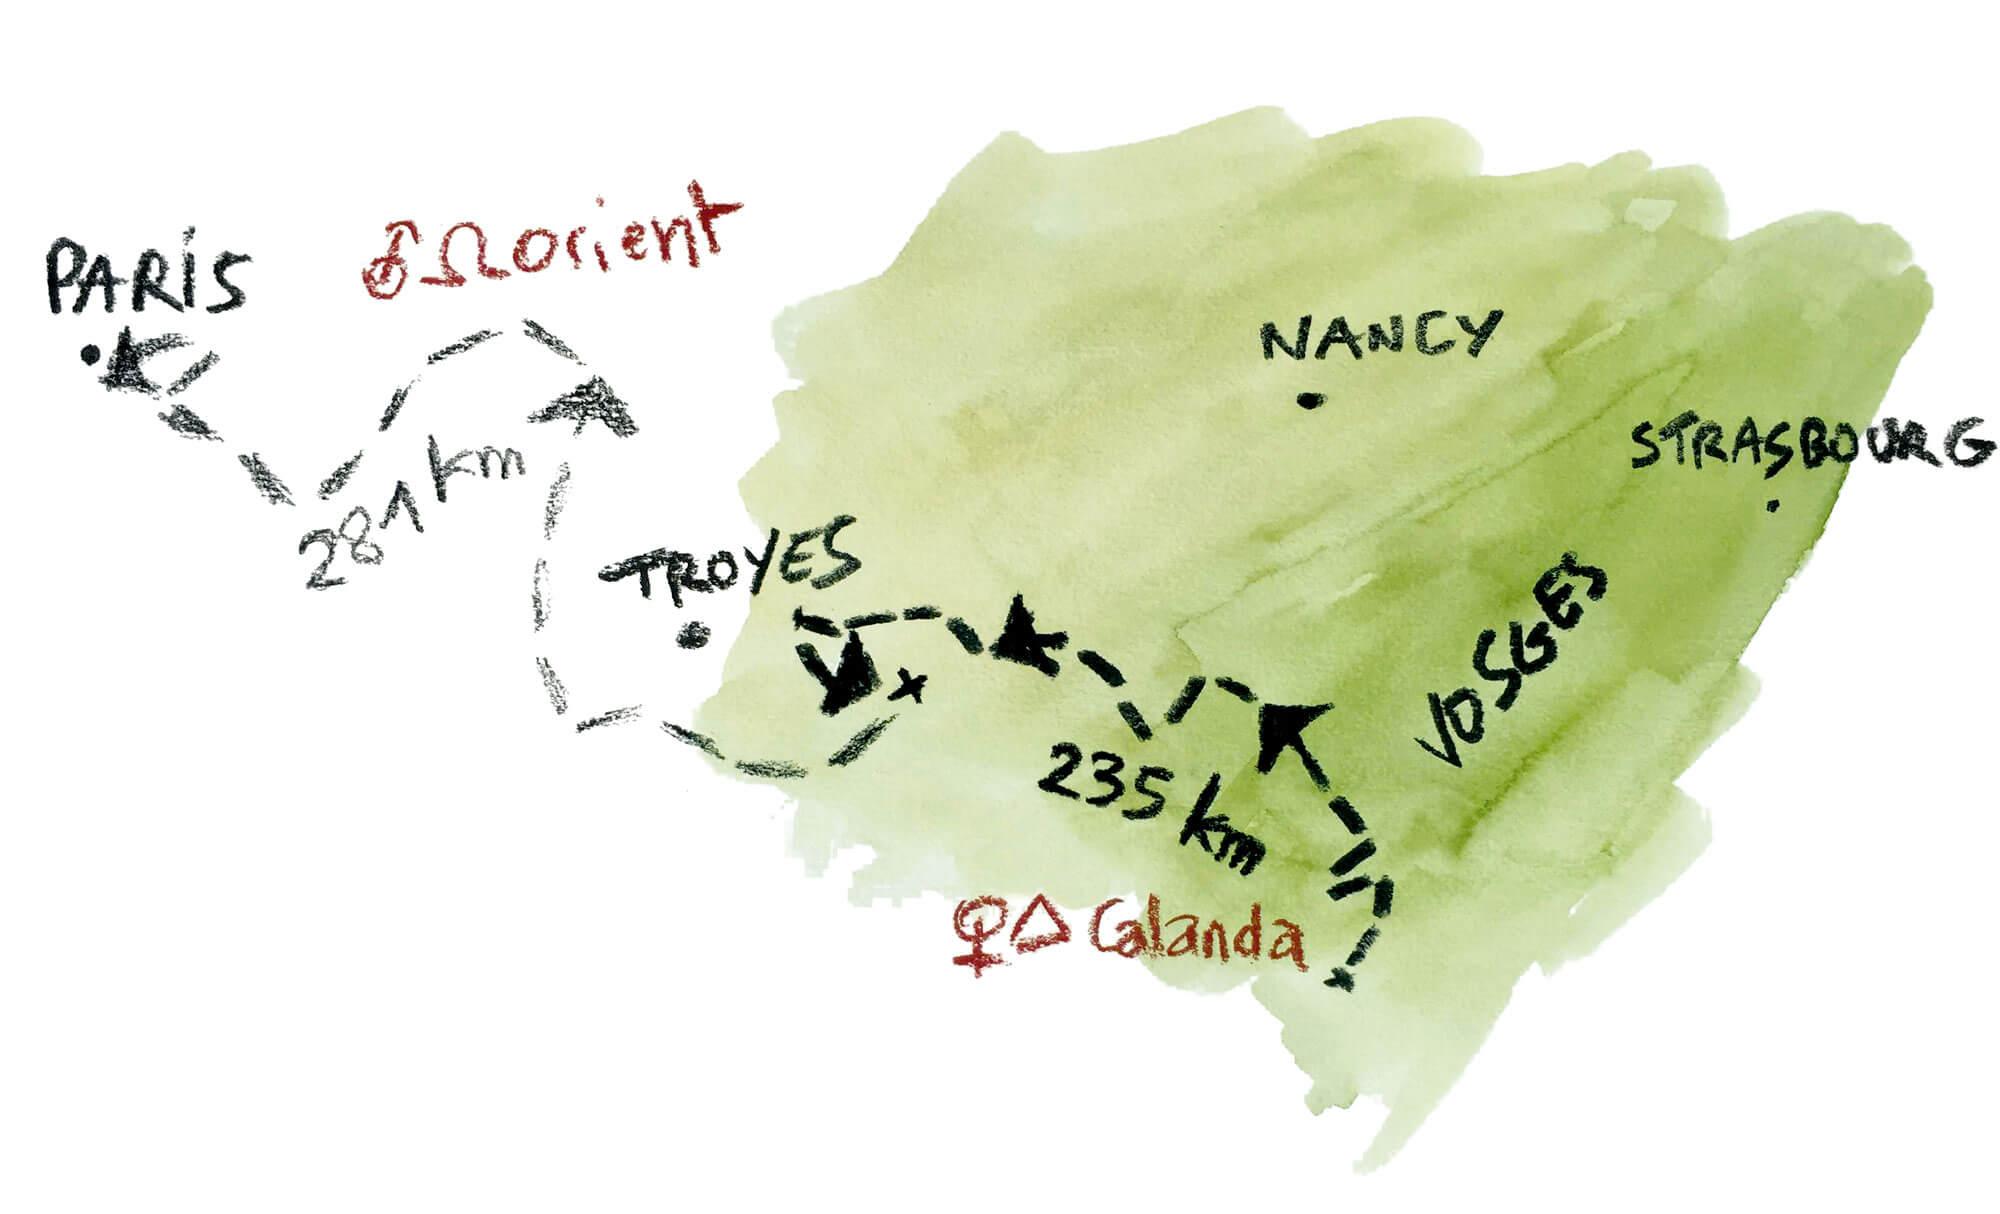 Quand un loup débarque en pleine ville de Paris - La Salamandre dessin Tsunehiko Kuwabara carte déplacement loup